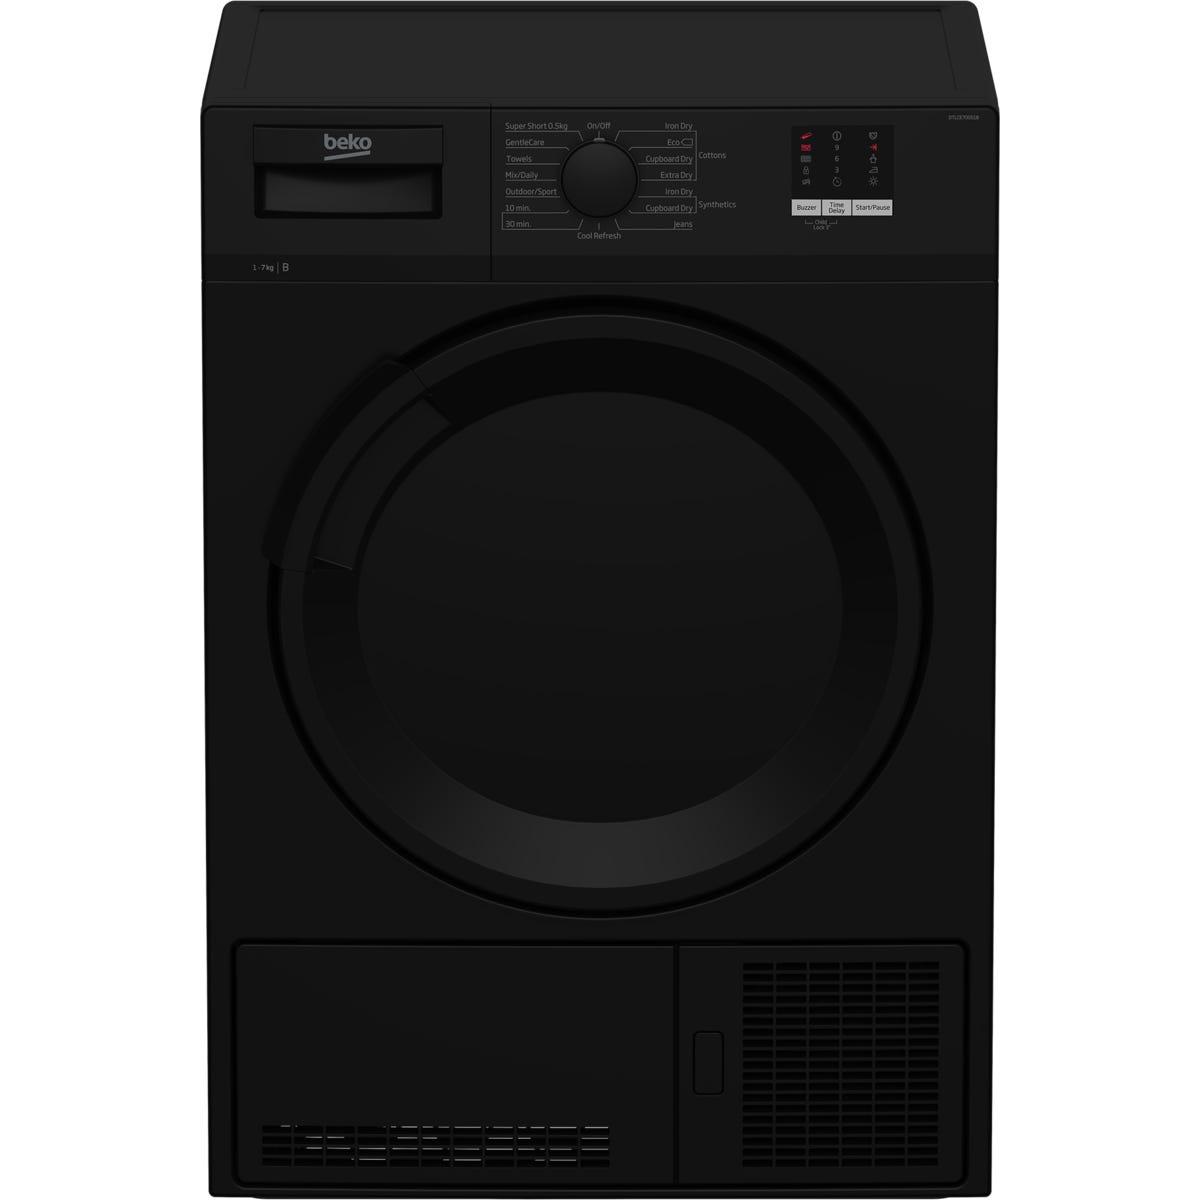 Beko DTLCE70051B 7kg Freestanding Condenser Tumble Dryer - Black